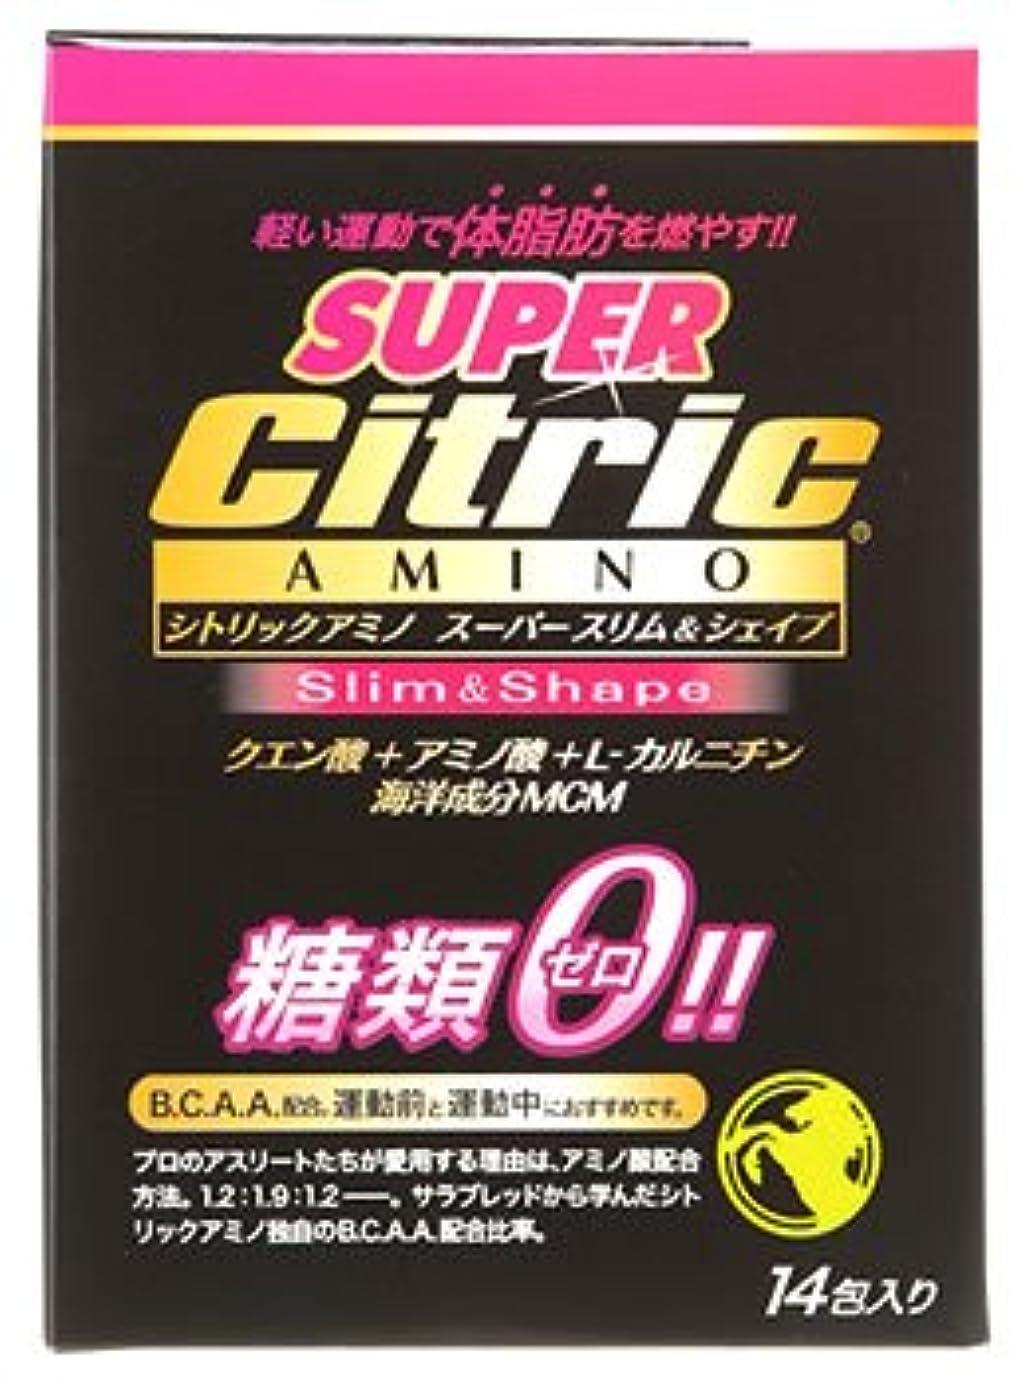 赤字フィード持ってるメダリスト?ジャパン シトリックアミノ スーパースリム&シェイプ JP (6g×14包入) クエン酸 アミノ酸 糖類ゼロ